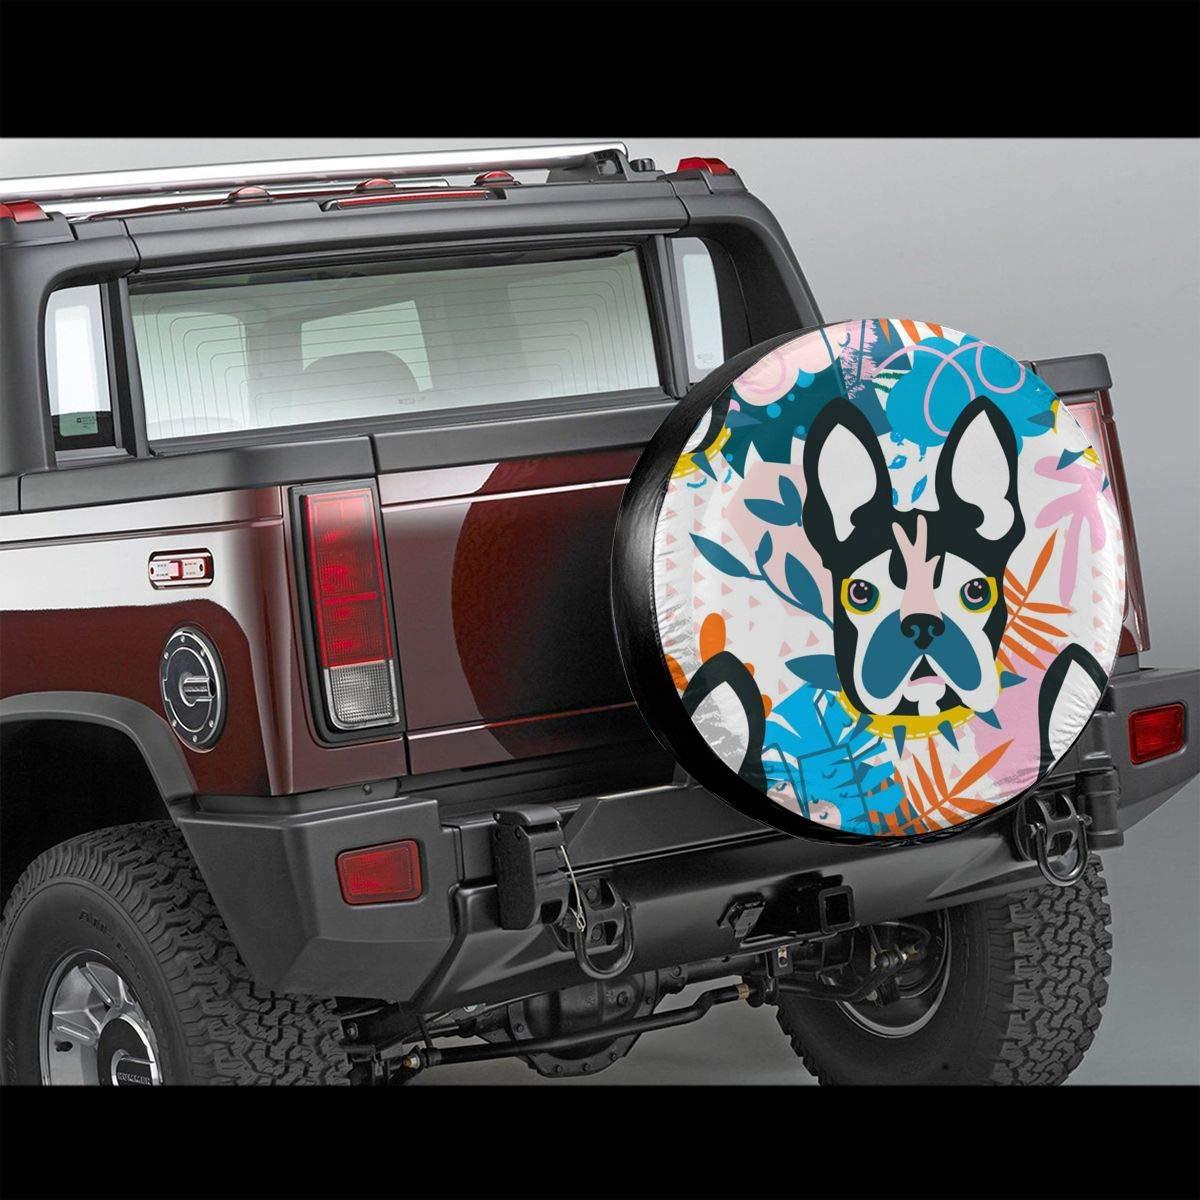 opi 90iuop Lupo ululante Potabile in Poliestere Ruota di scorta Universale Copriruota per rimorchio Jeep RV SUV Camion Camper Rimorchio da Viaggio 14,15,16,17 Pollici